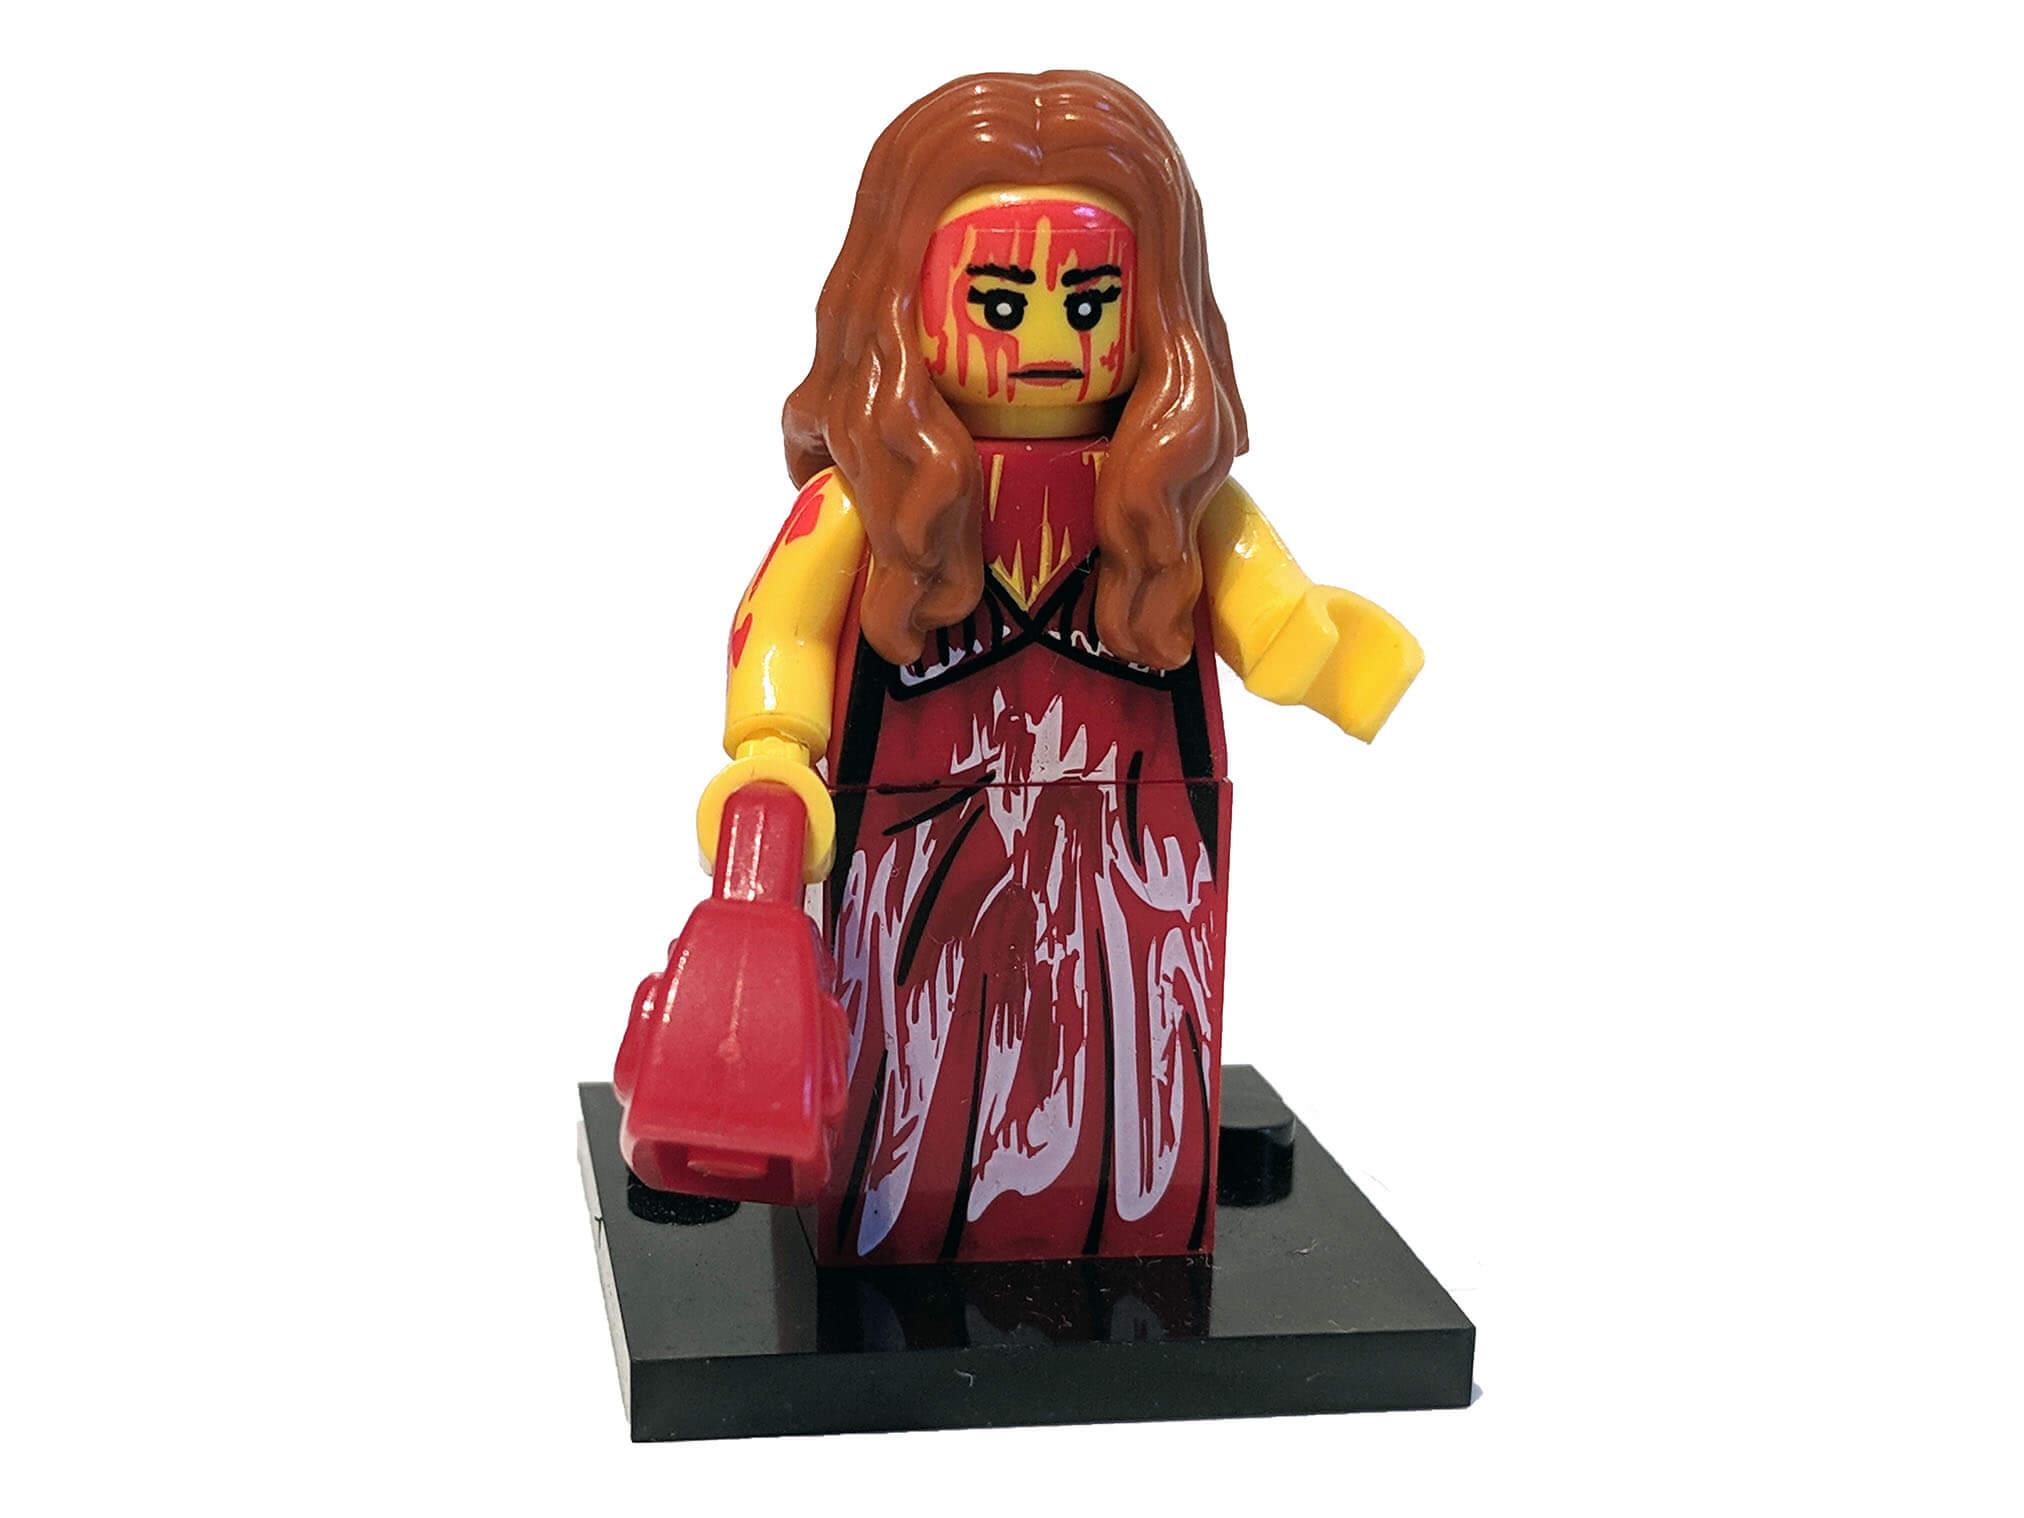 LEGO-Carrie.jpg